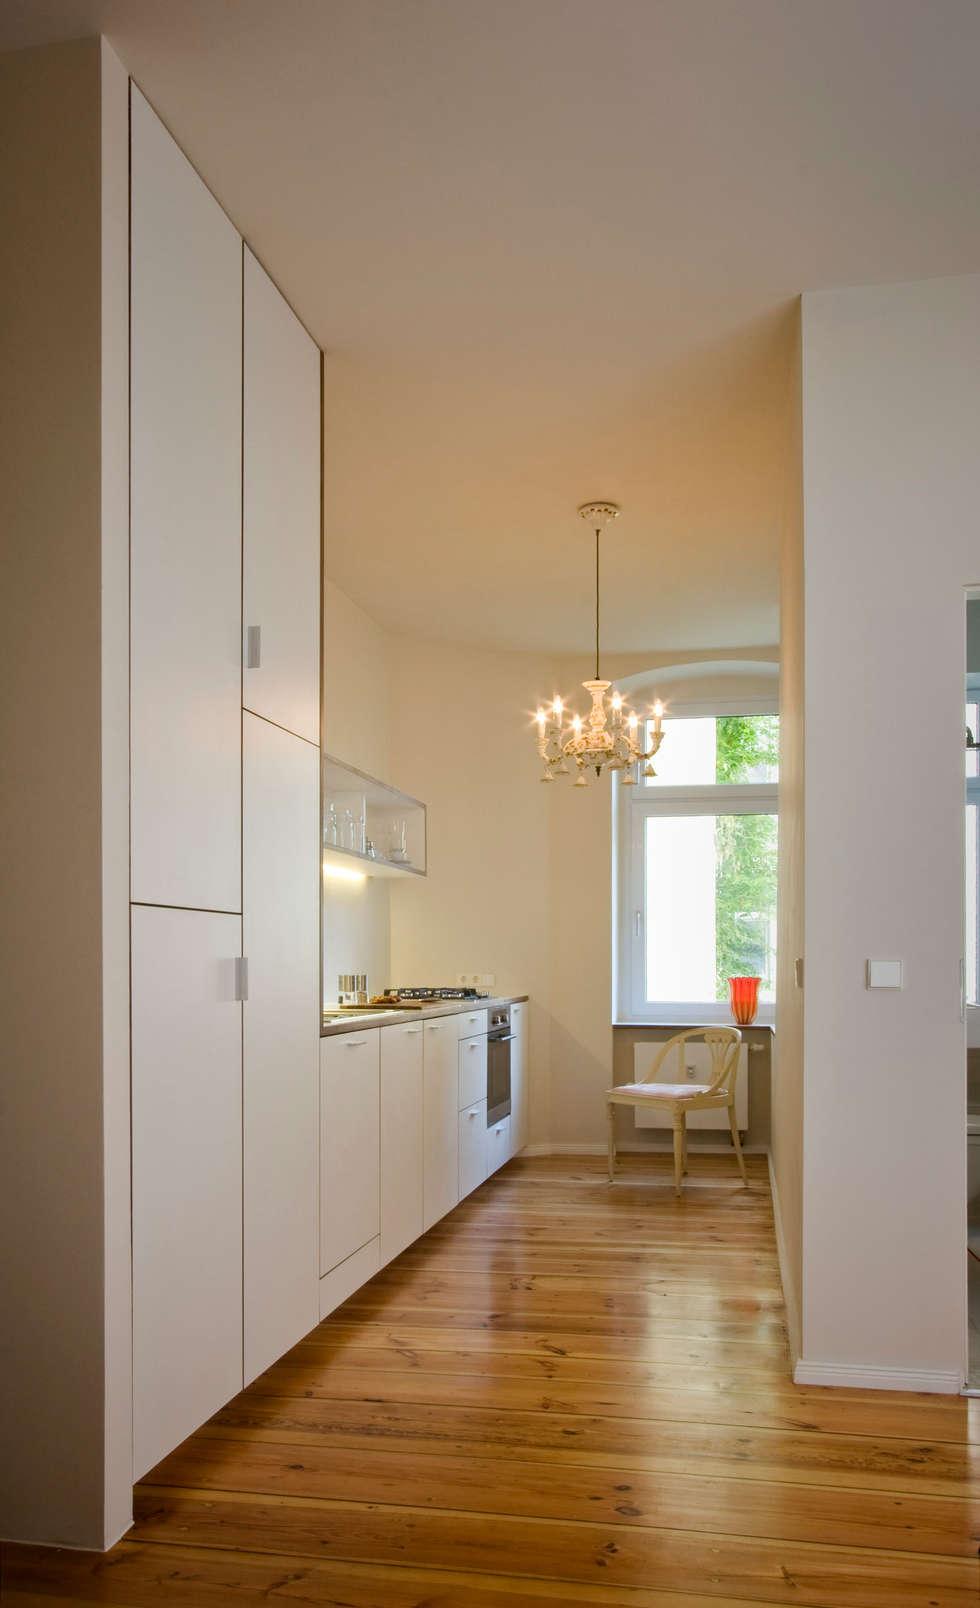 Offene Küche: moderne Küche von Nickel Architekten